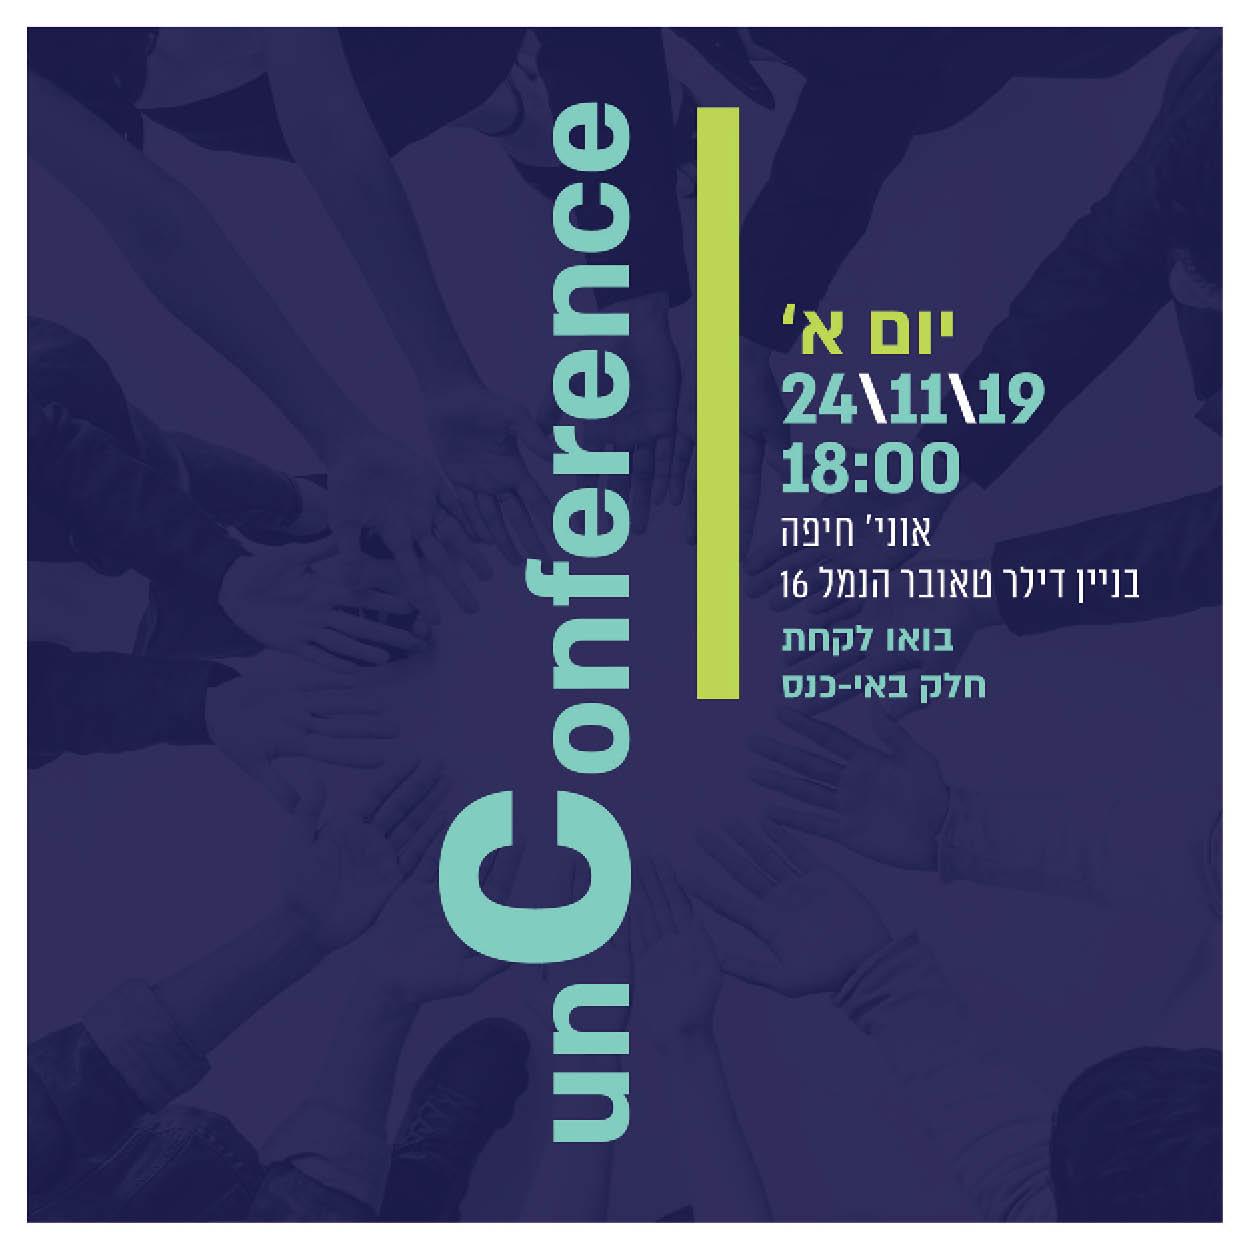 אי-כנס חיפה- קהילה ושיתופי פעולה ככלי להצלחה